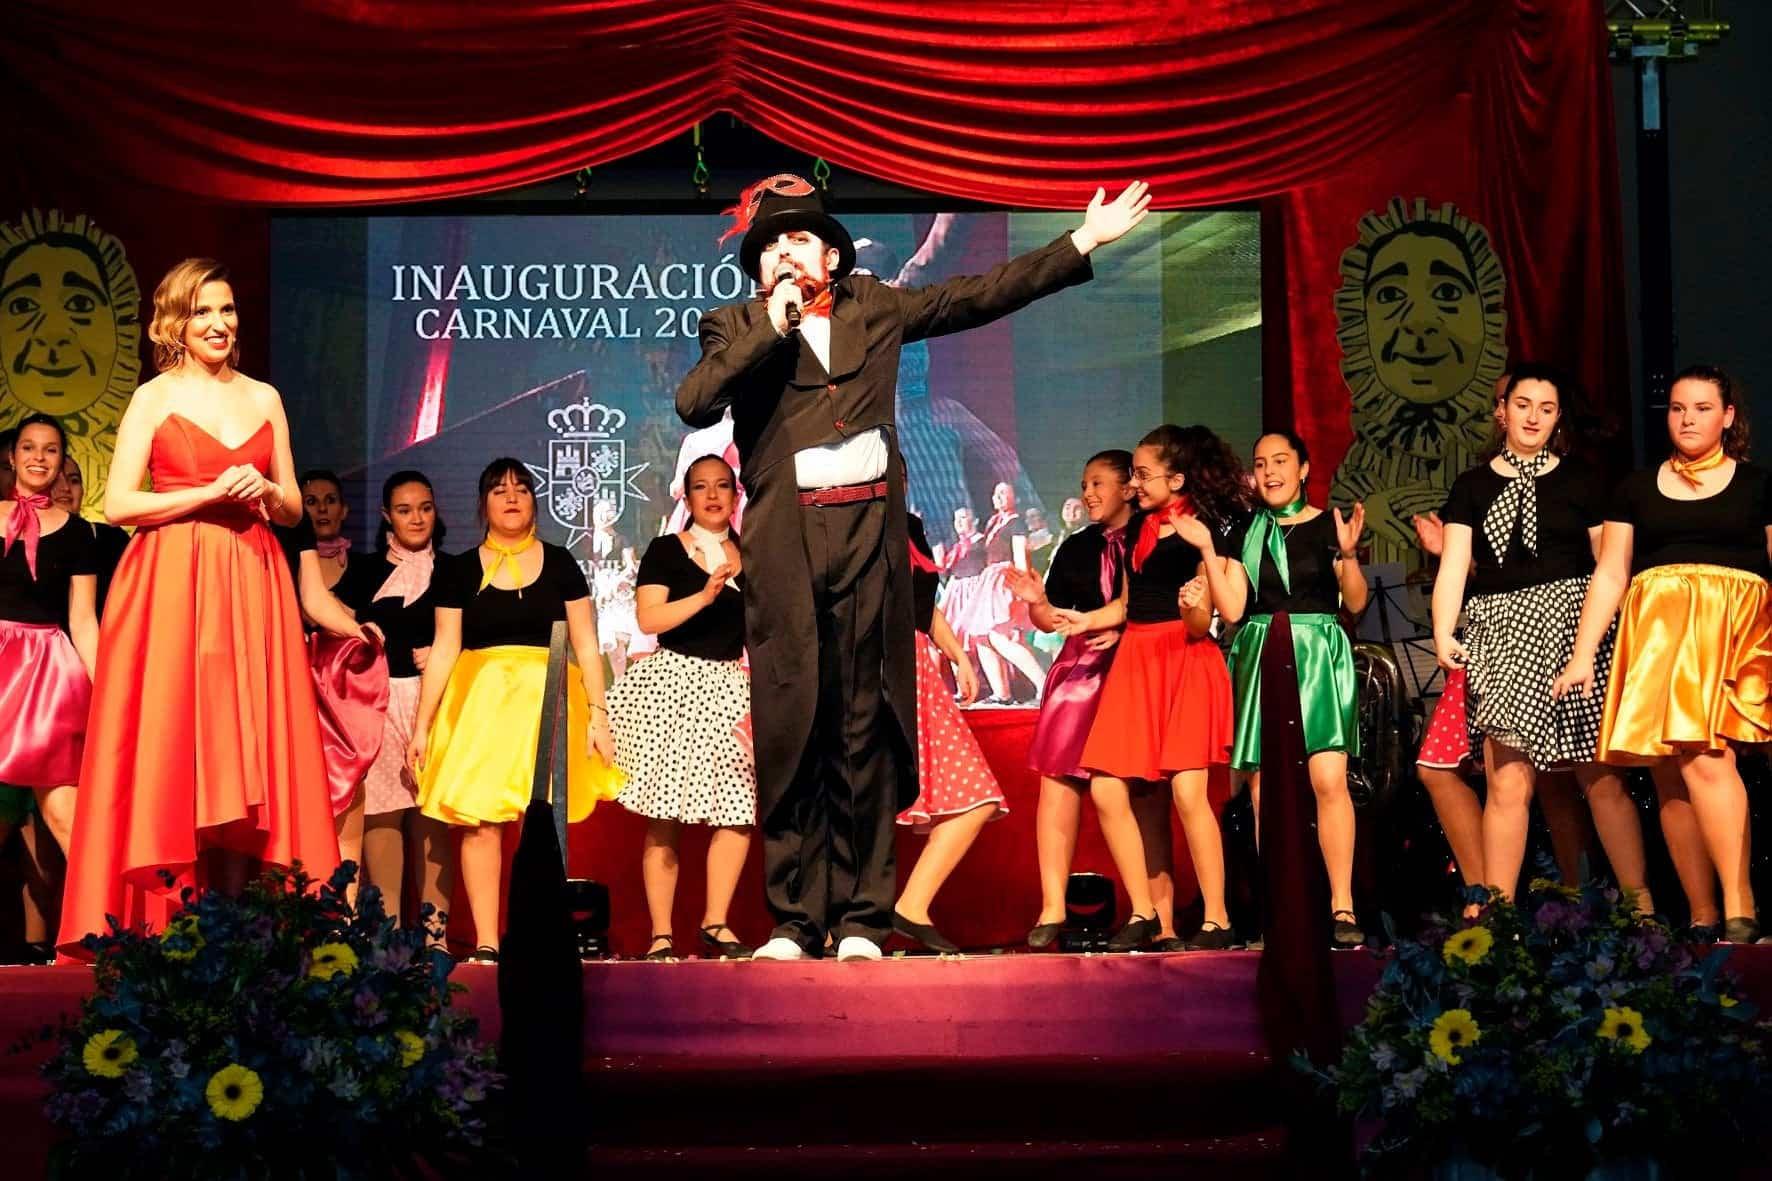 Inauguración del Carnaval de Herencia 2020 122